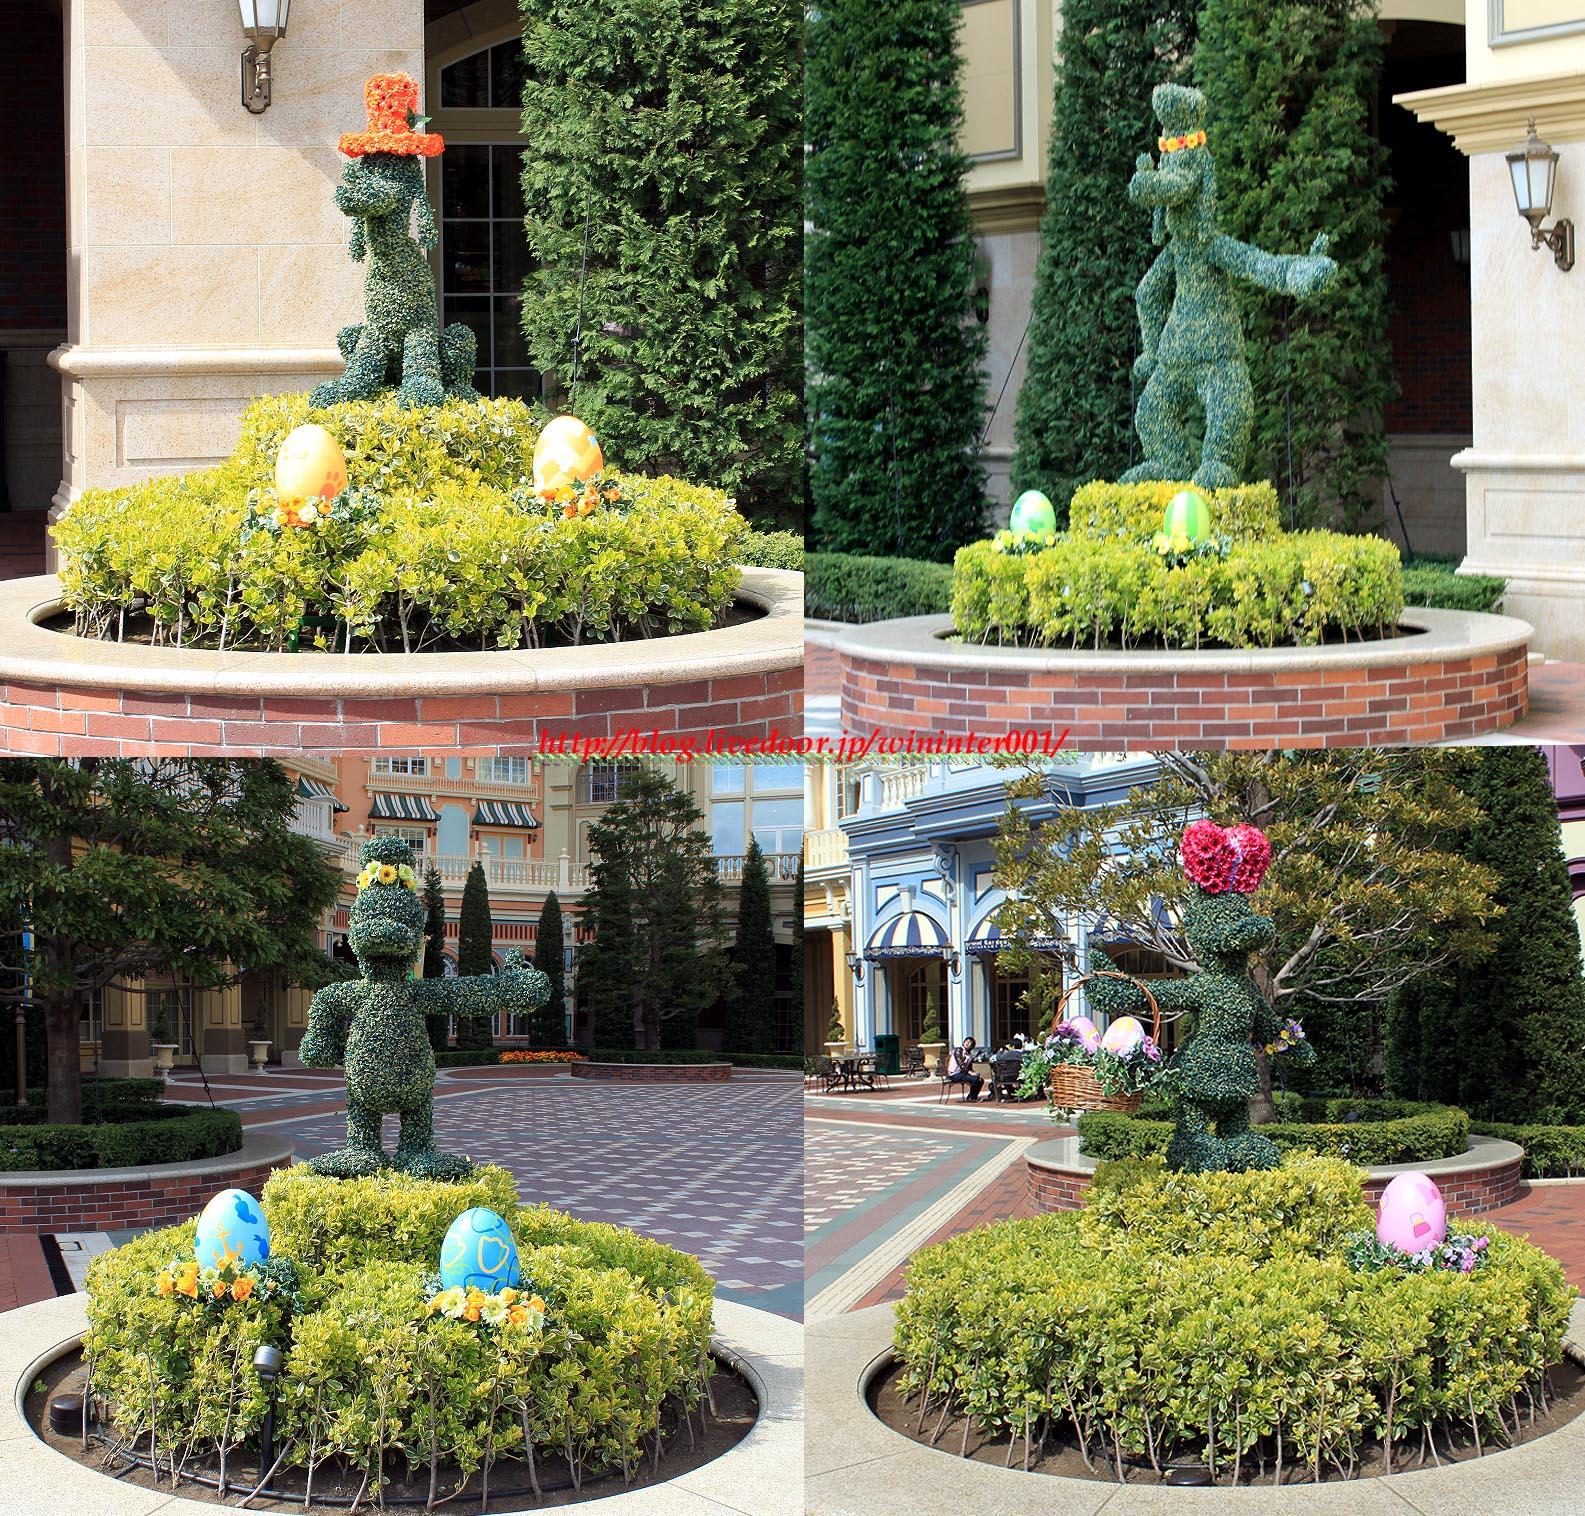 tdrな生活(-_-).。ooo : ディズニーホテルの小さな変更点。でも